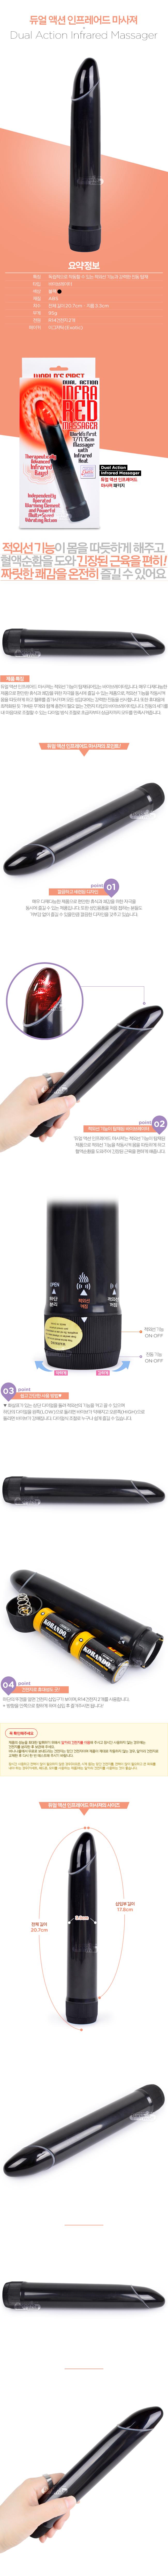 [미국 직수입] 듀얼 액션 인프레어드 마사져(Dual Action Infrared Massager) - 이그저틱(SE-0035-03-3) (EJT)